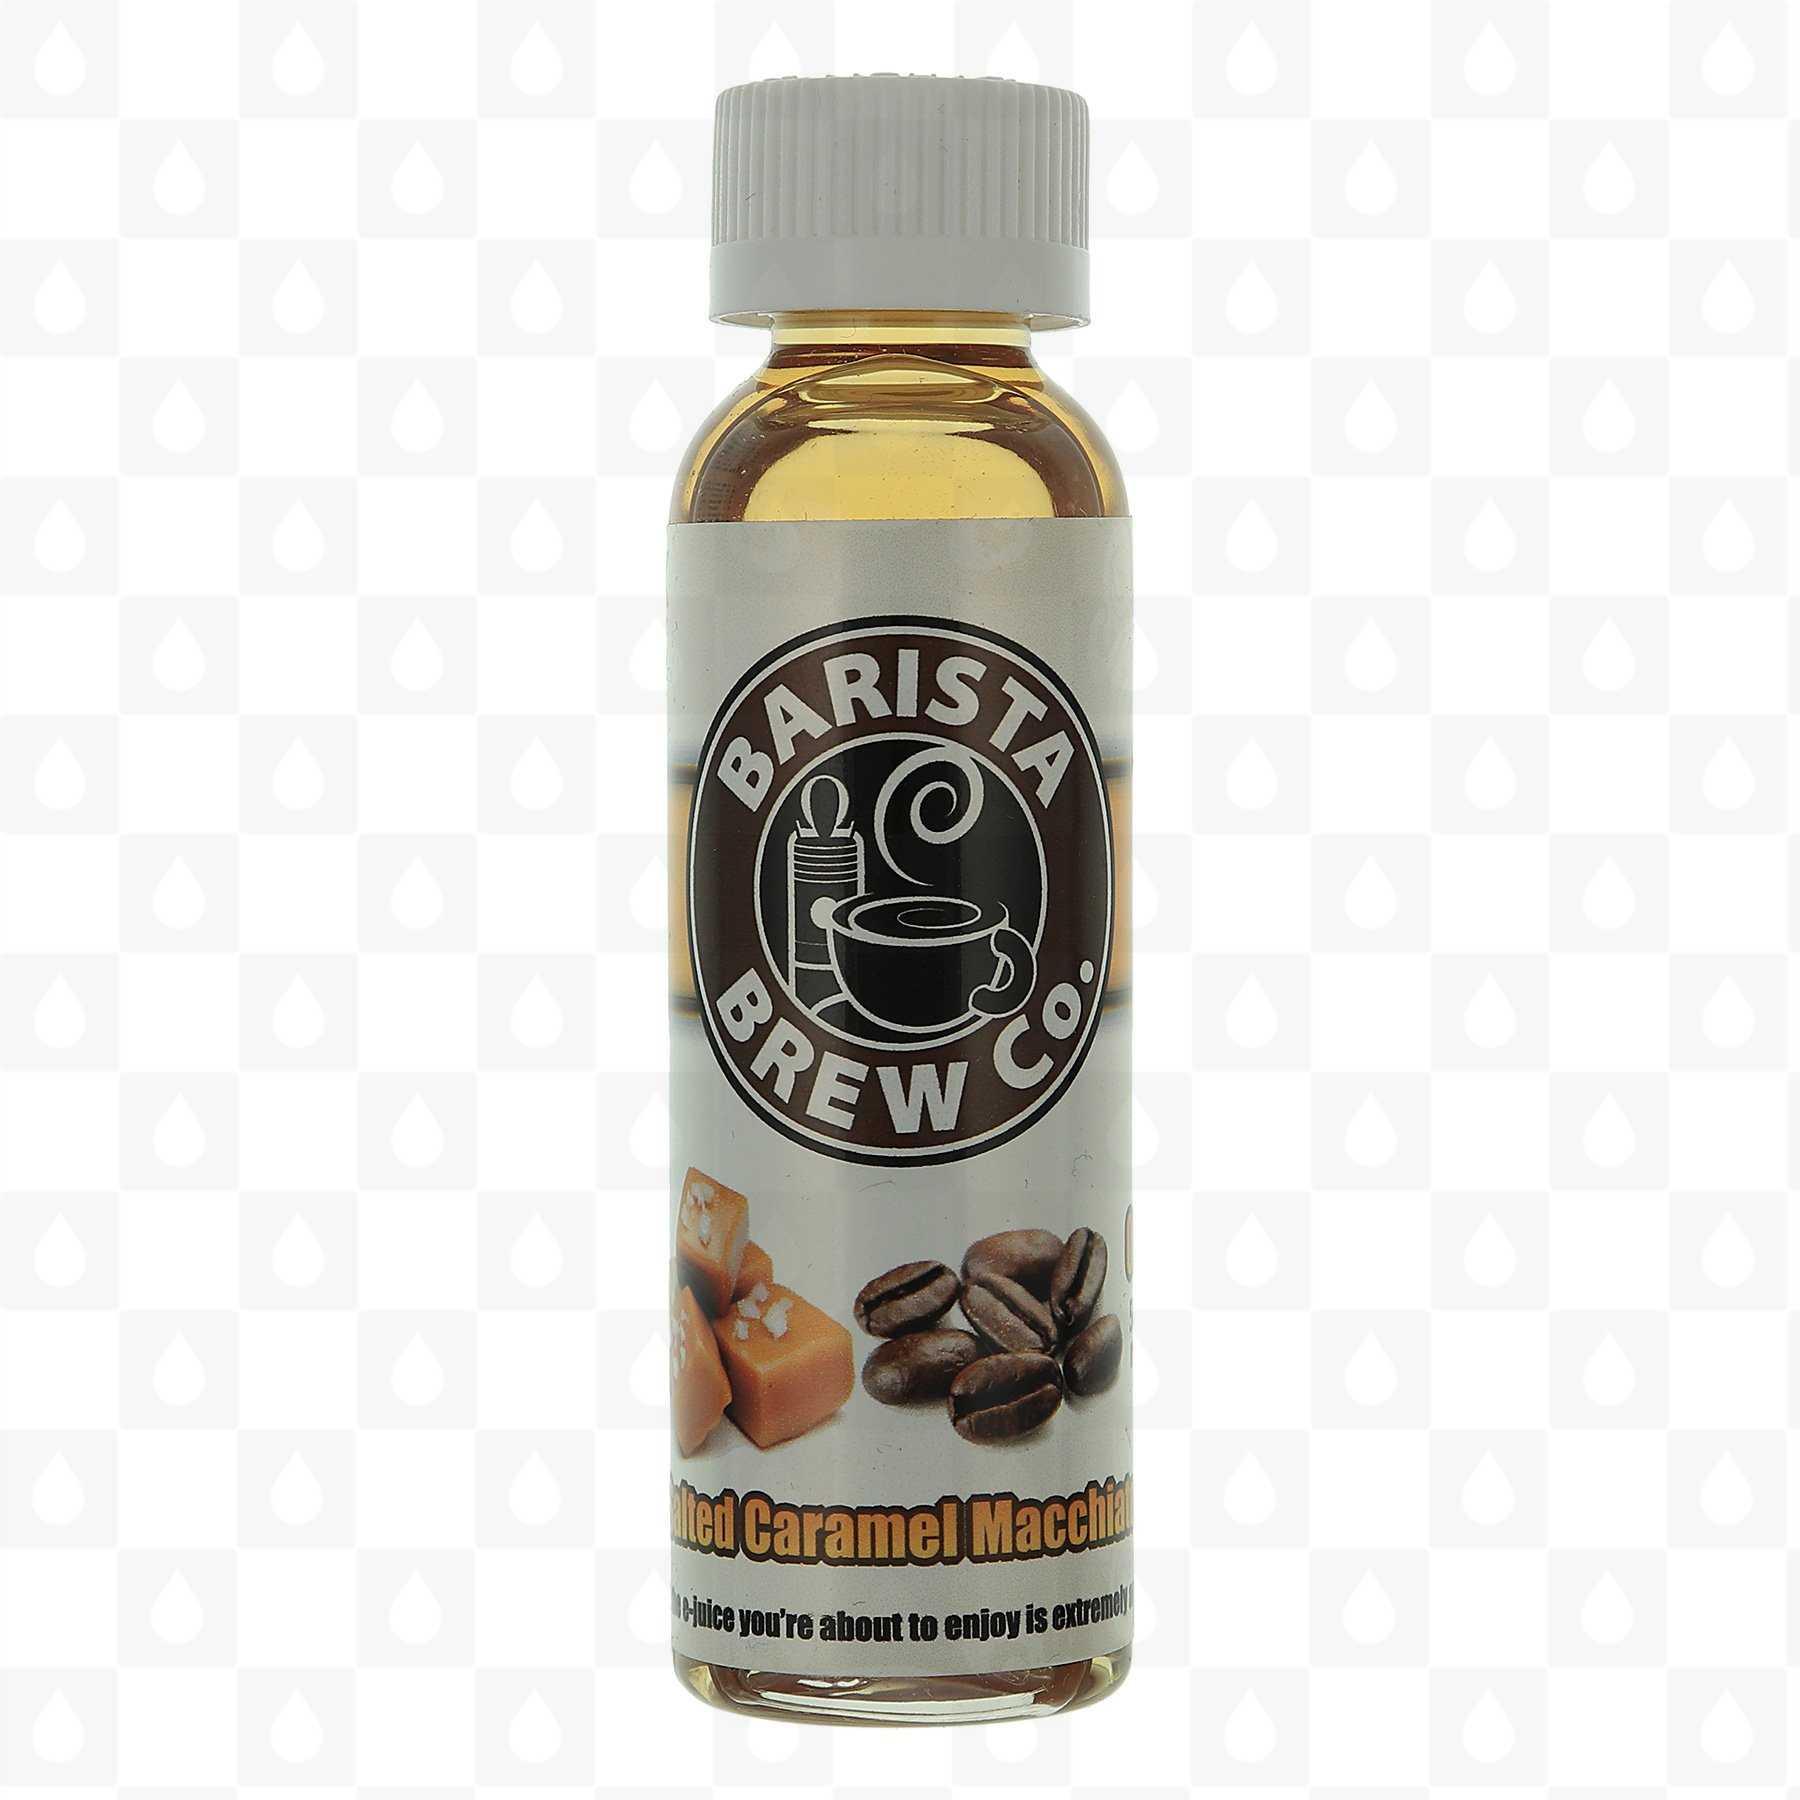 Salted Caramel Macchiato by Barista Brew Co E Liquid | 50ml Short Fill